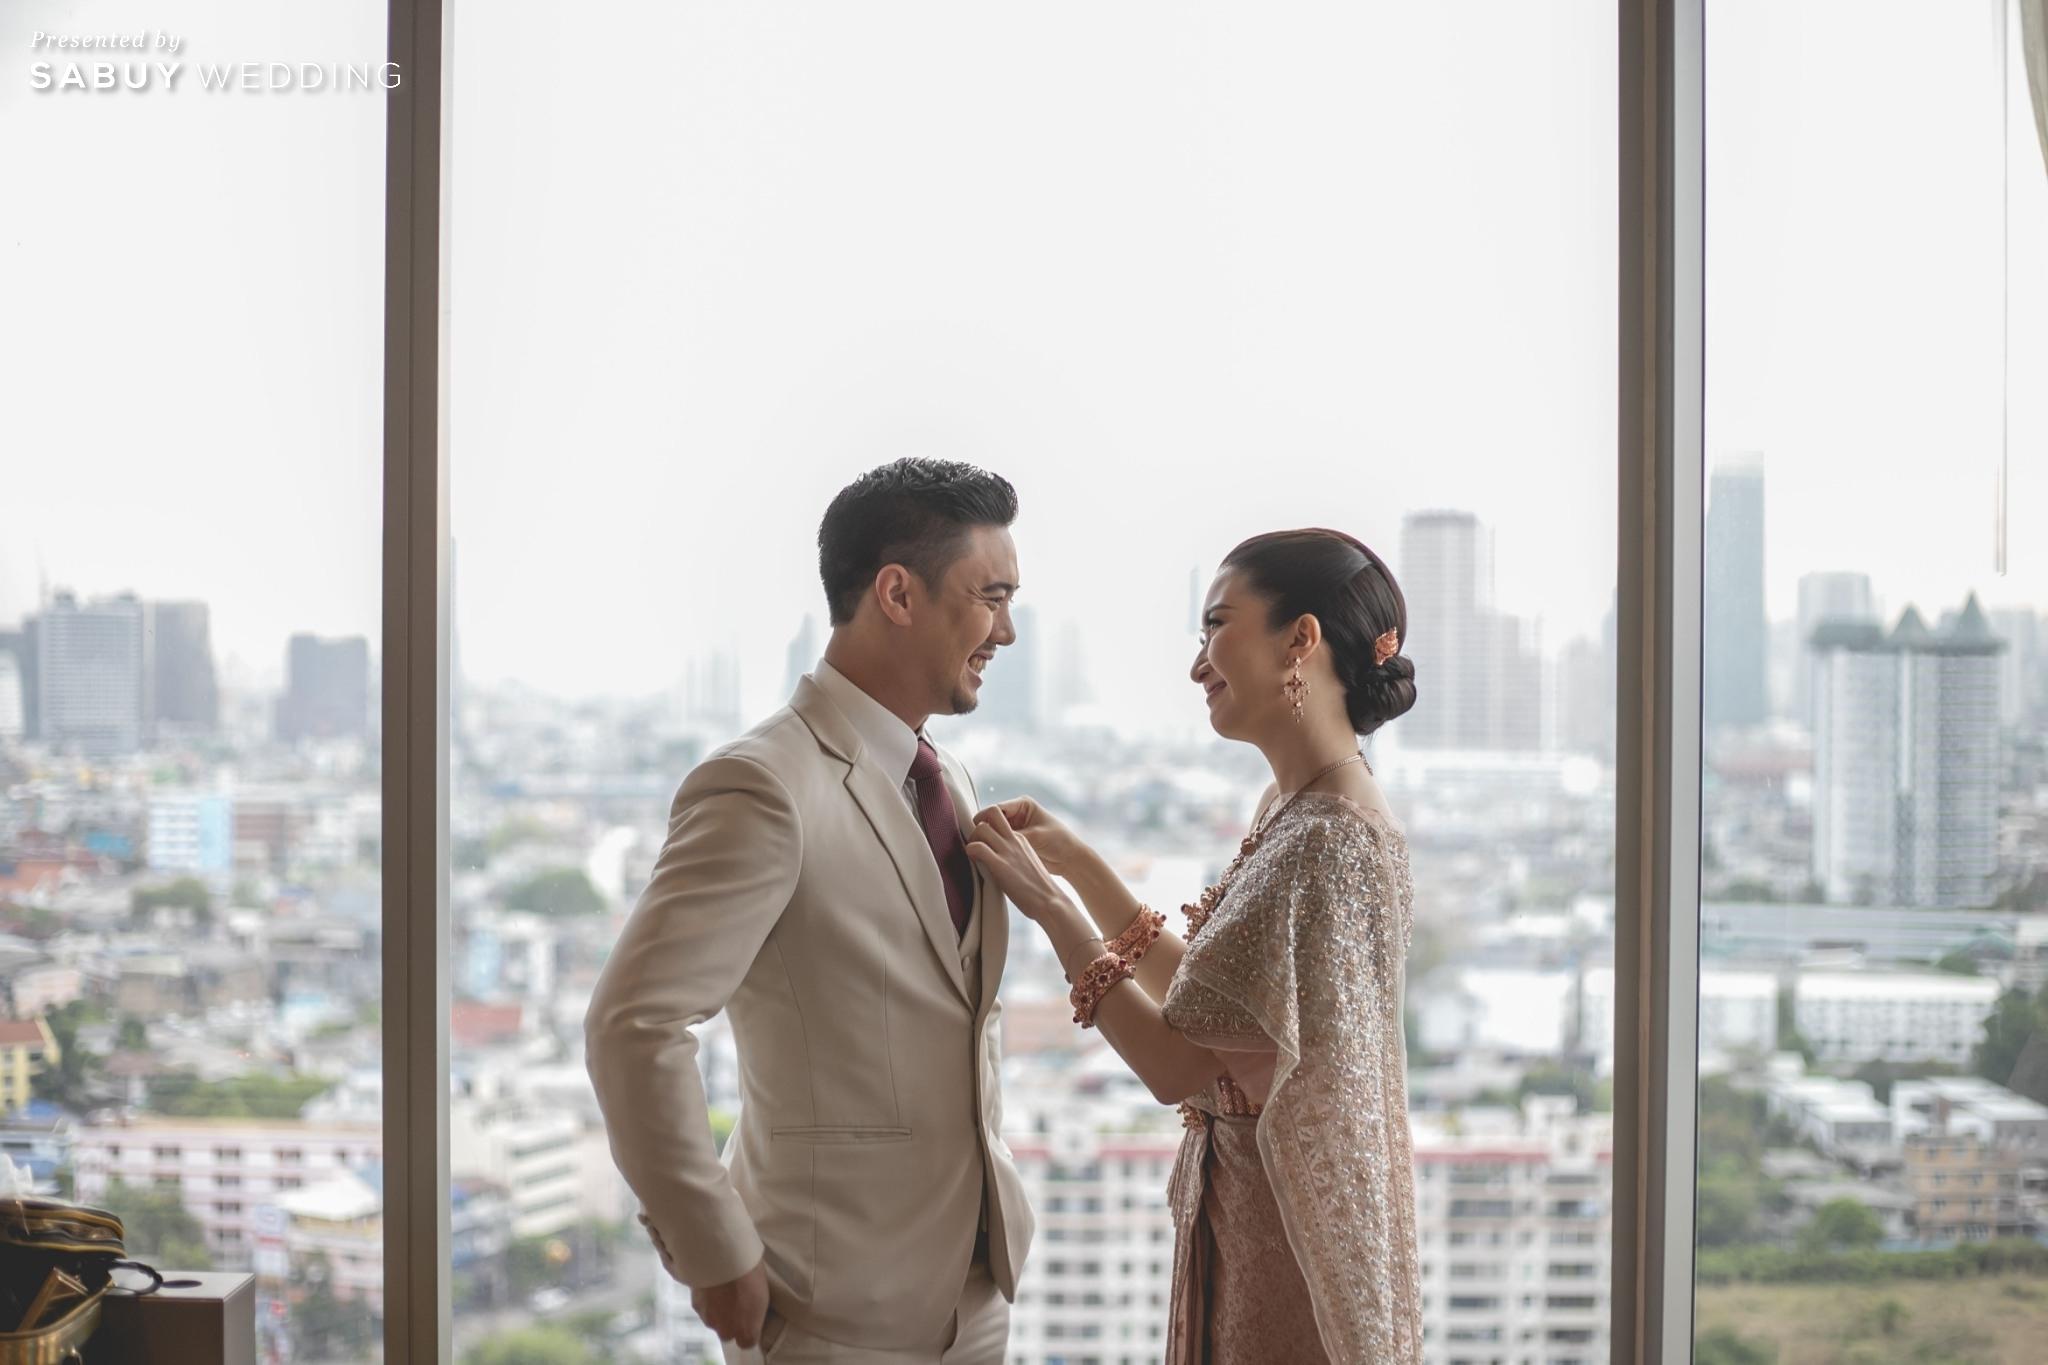 ชุดเจ้าบ่าว,ชุดเจ้าสาว,ชุดแต่งงาน รีวิวงานแต่งแซ่บจี๊ดใจ สวยสดใสด้วยโทนสี Colorful @ AVANI+ Riverside Bangkok Hotel